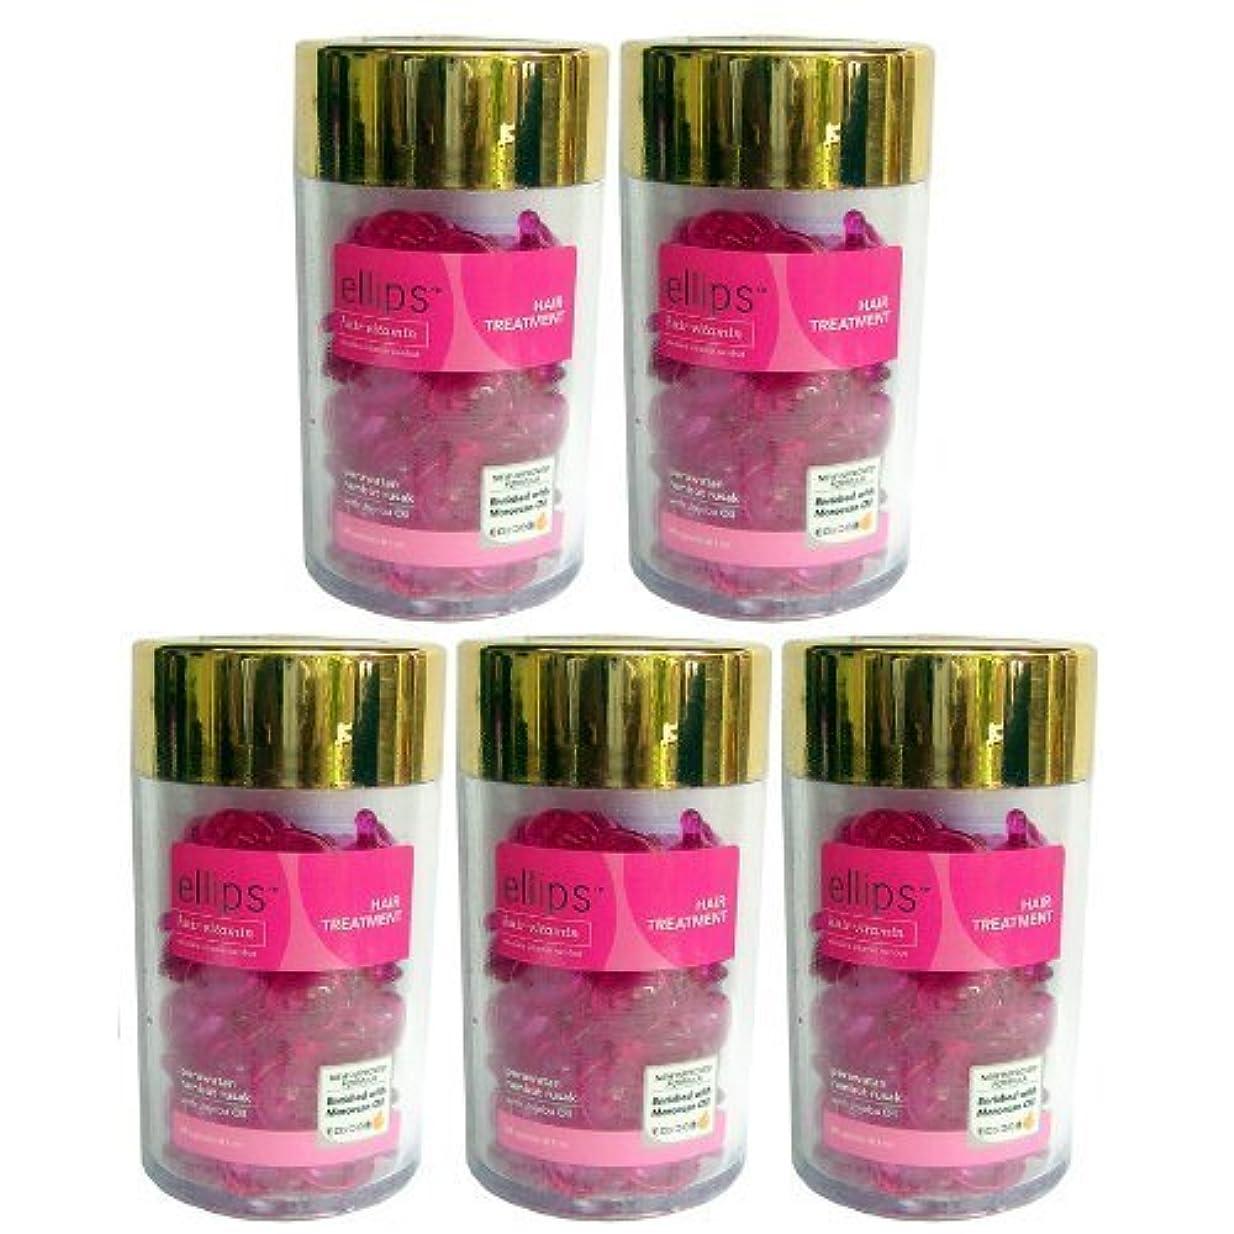 動かす潜在的な提案エリップス ellips ヘアビタミン洗い流さないヘアトリートメント(並行輸入品) (ピンク5本)